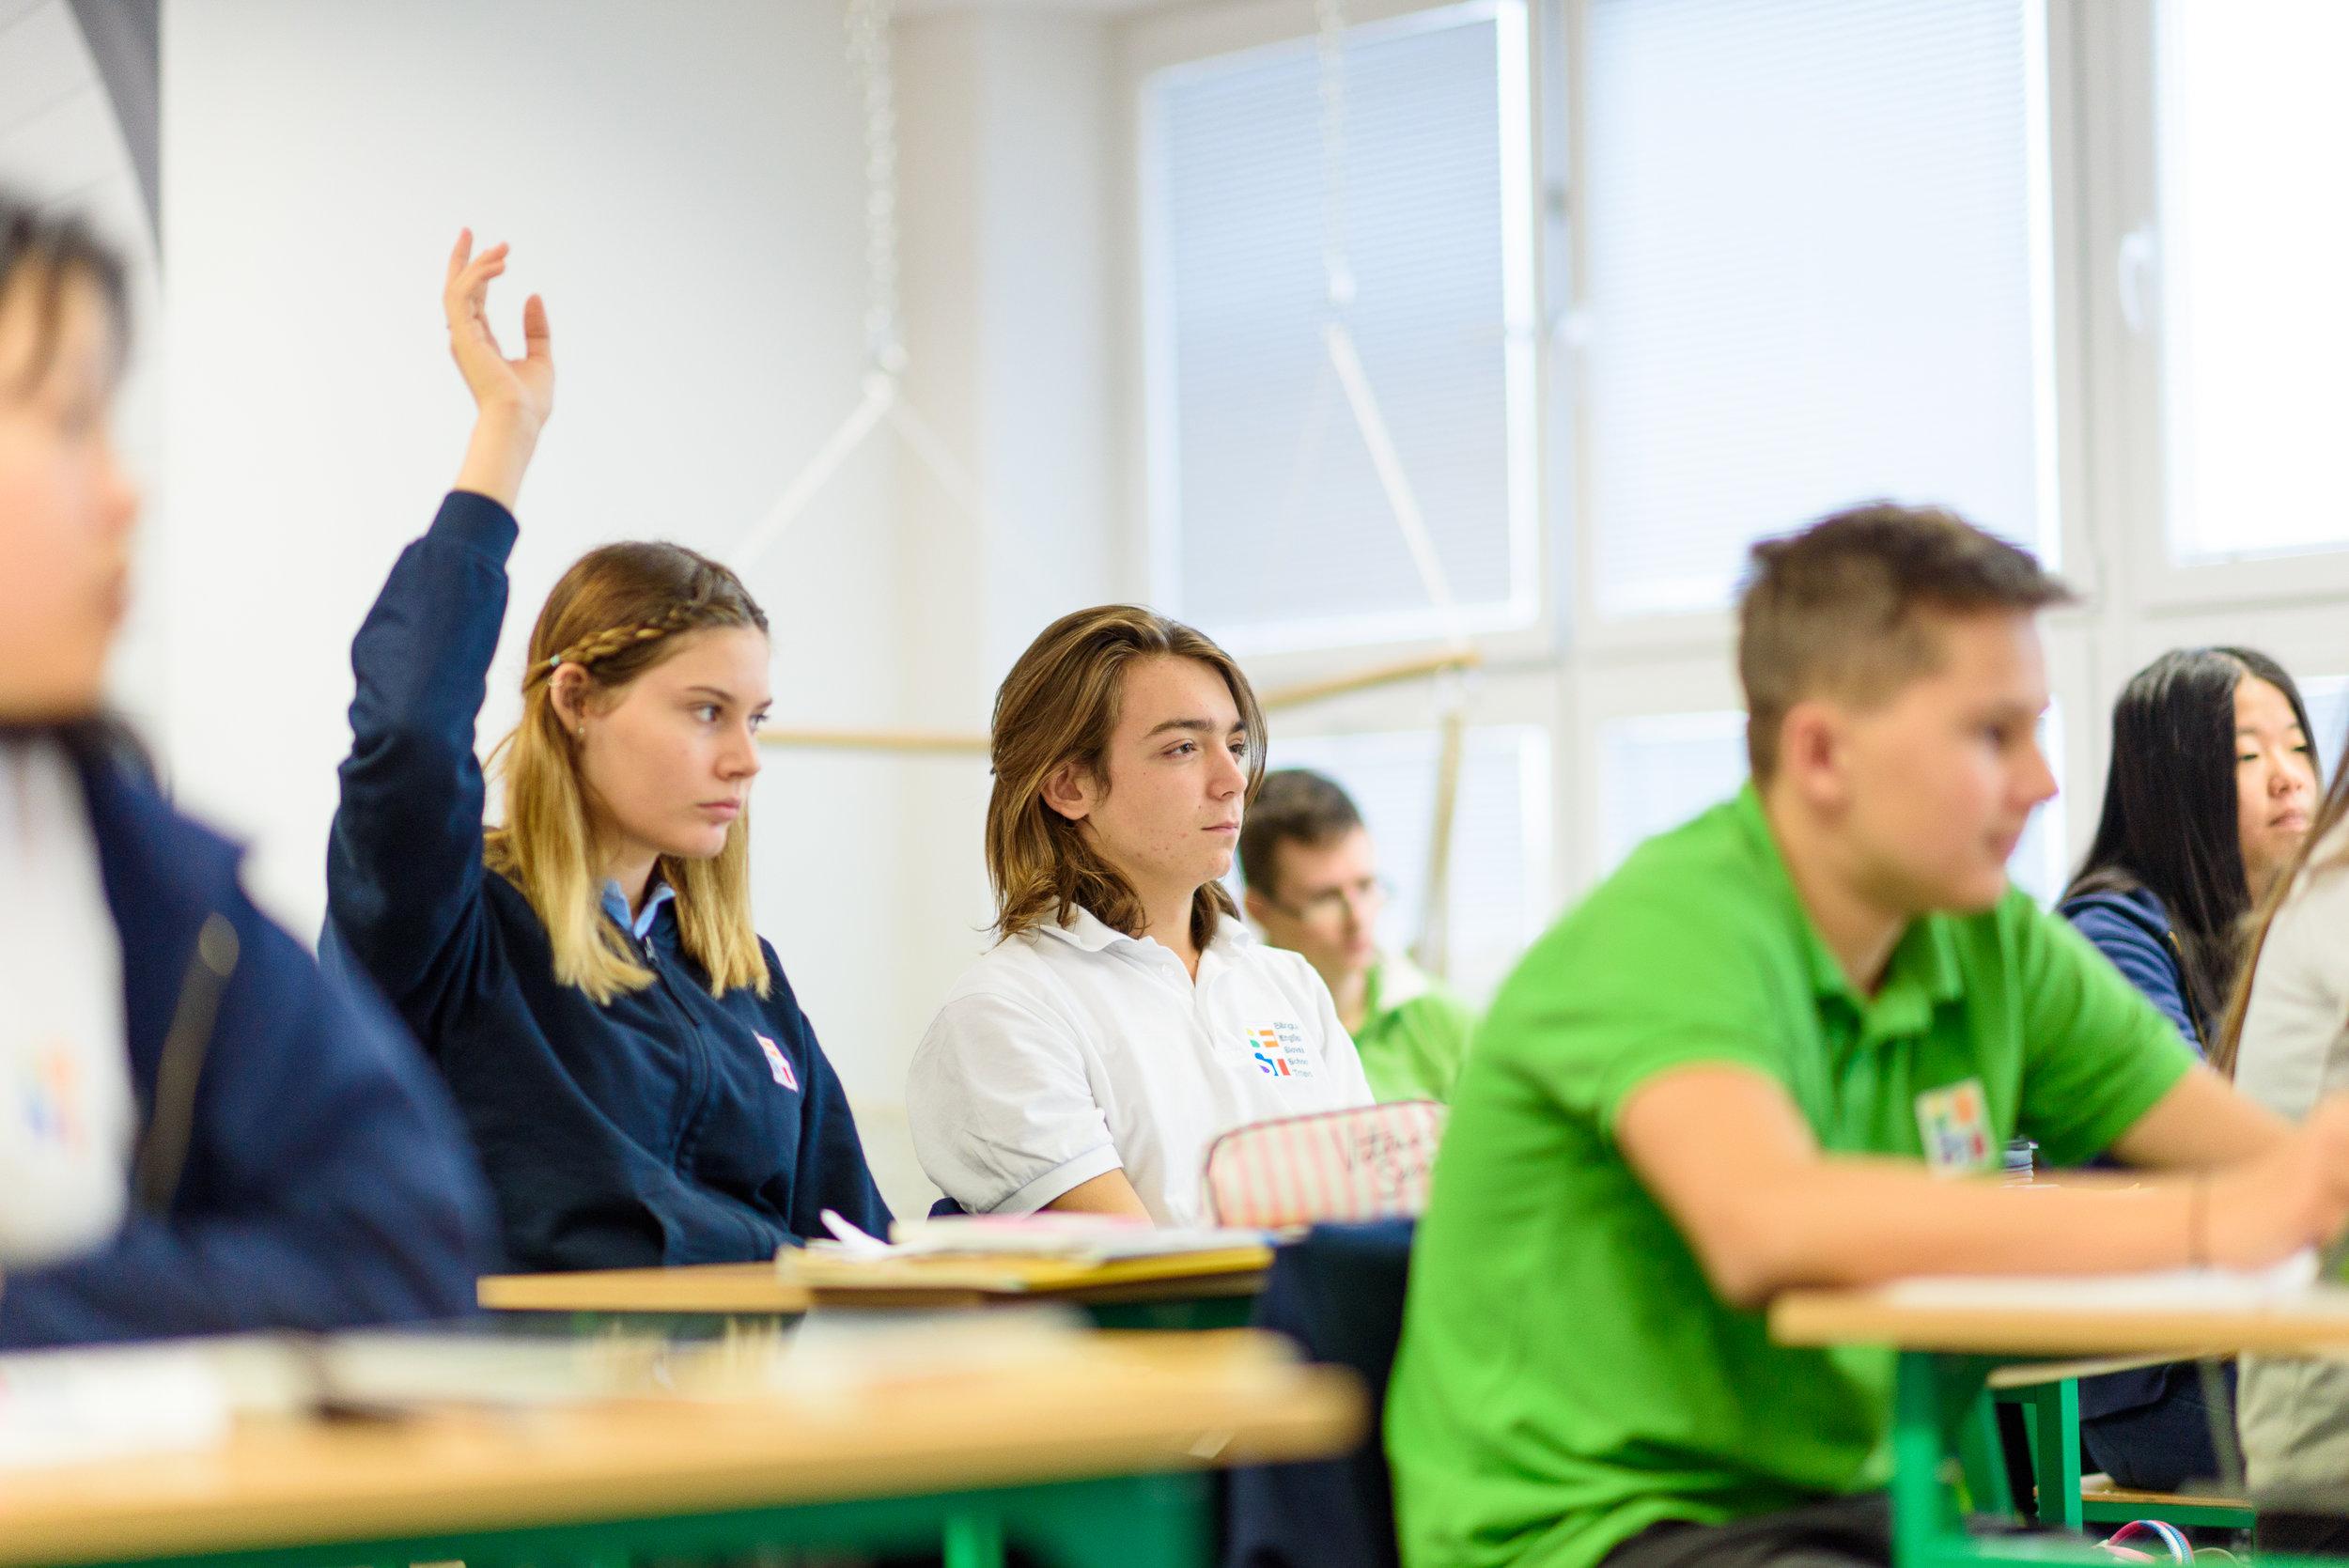 Podnikavosť a iniciatívnosť - Podporujeme našich žiakov v dobrých nápadoch, vedieme ich k plánovaniu a iniciatívnosti. Je pre nás dôležité, aby svoje nápady vedeli prezentovať, ale aj realizovať. Oceňujeme u žiakov schopnosti plánovať, organizovať, riadiť a hodnotiť. Priamo na vyučovacích hodinách pomáhame žiakom osvojiť si základné zručnosti v oblasti finančnej gramotnosti zážitkovou formou .